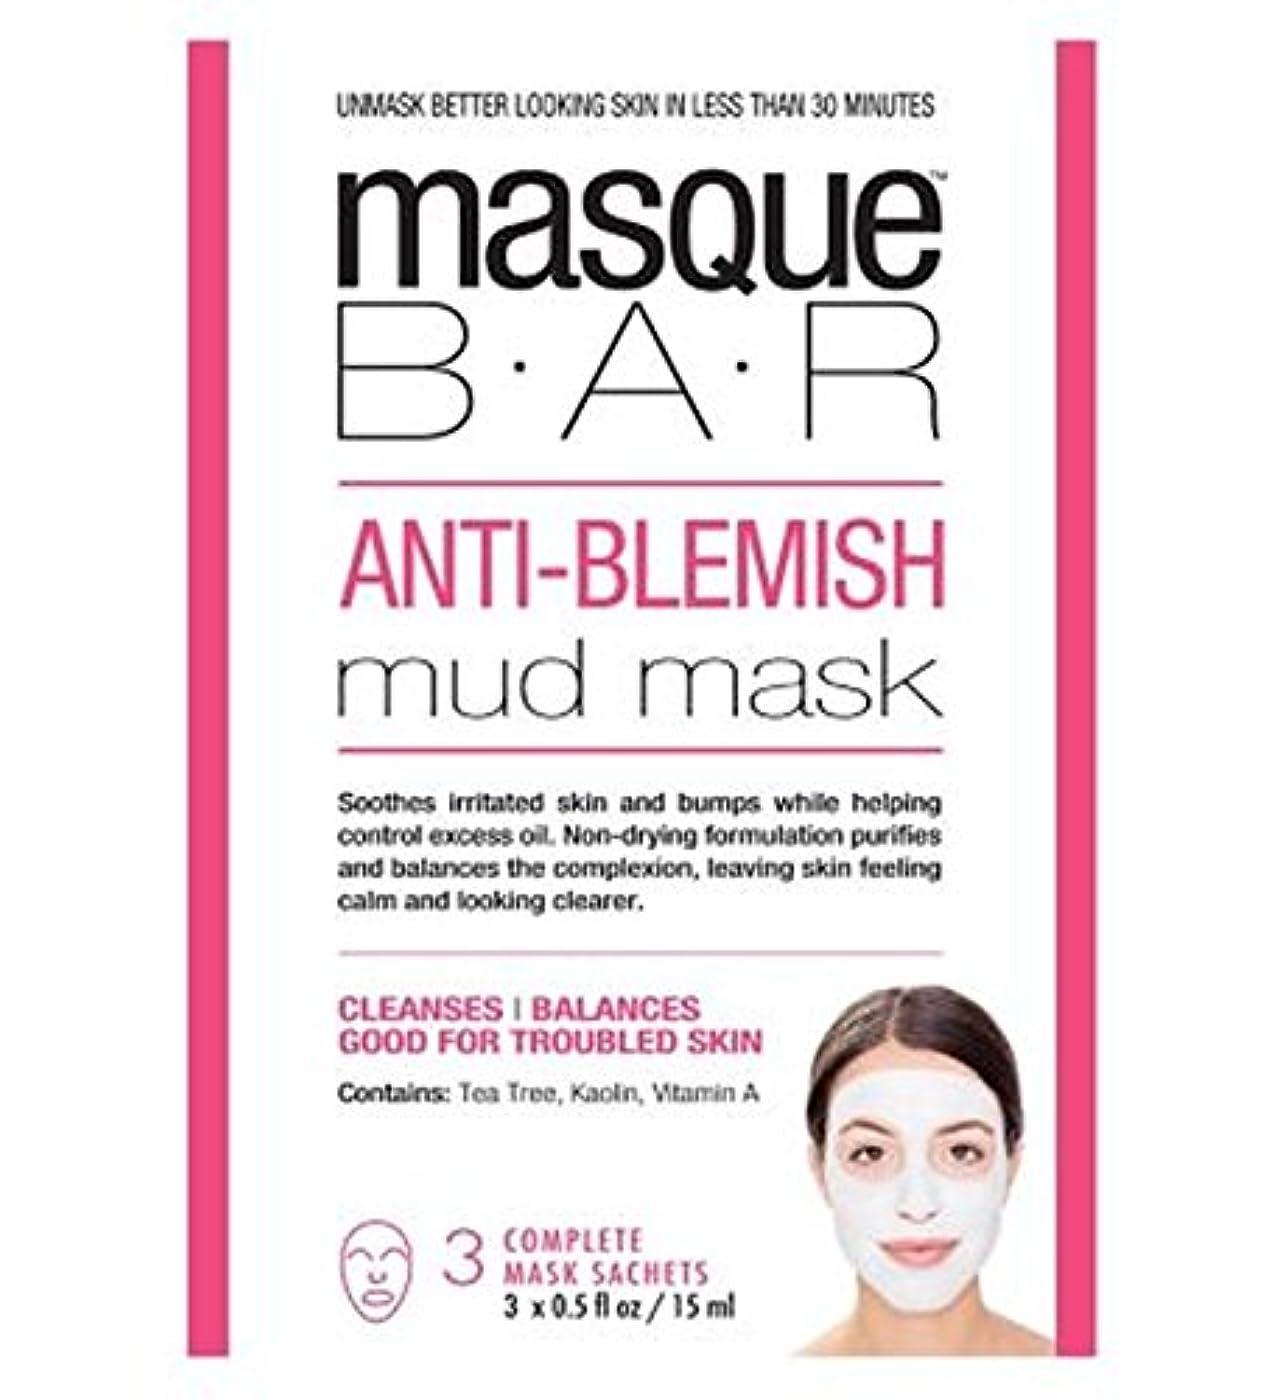 論理的潤滑する学士Masque Bar Anti-Blemish Mud Mask - 3s - 仮面劇バー抗傷泥マスク - 3S (P6B Masque Bar Bt) [並行輸入品]